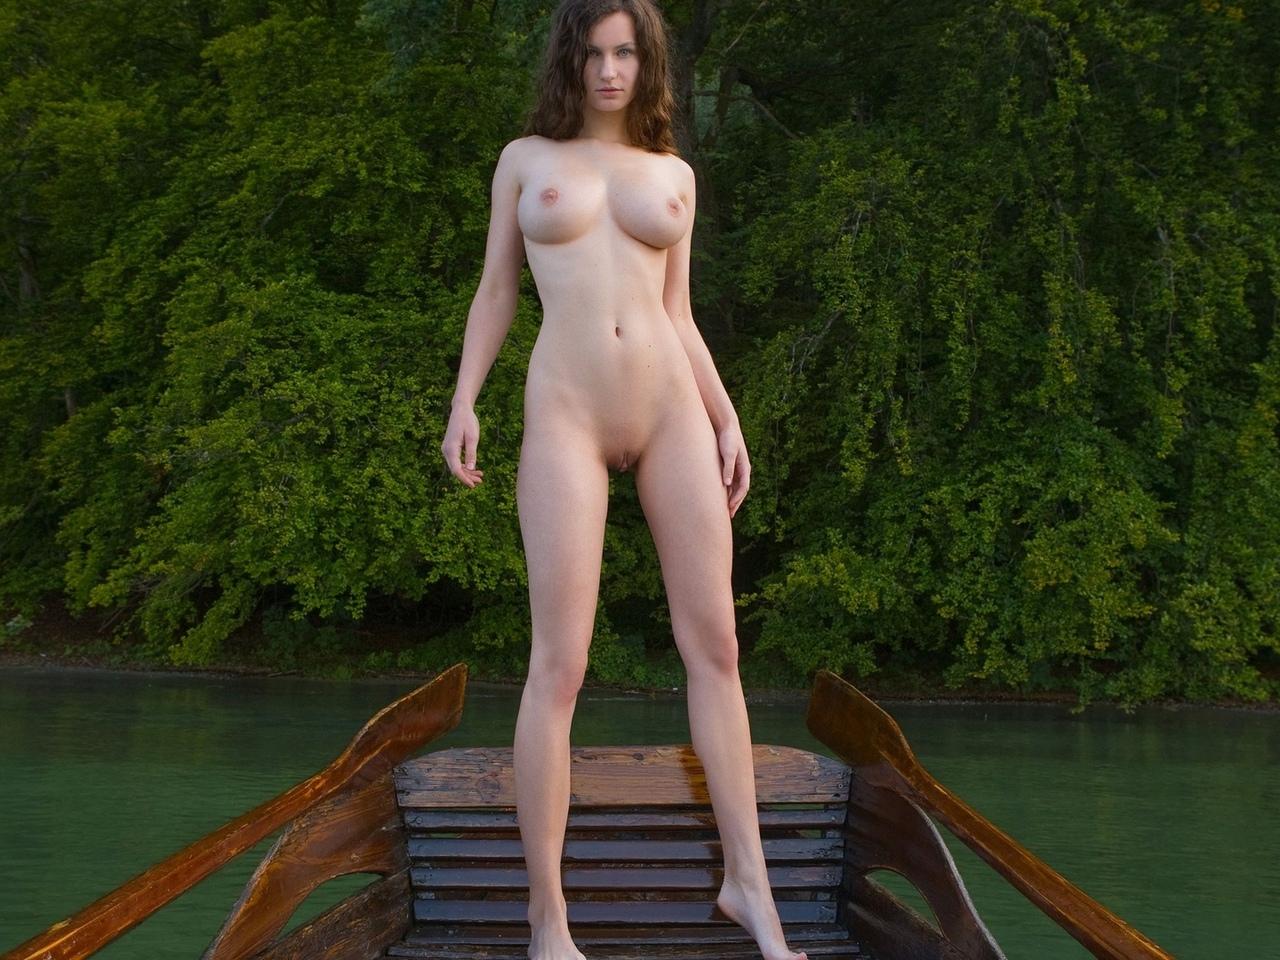 susann, брюнетка, обнаженная, сексуальная, модель, на улице, вода, лодка, сиськи, грудь, сексуальные ноги